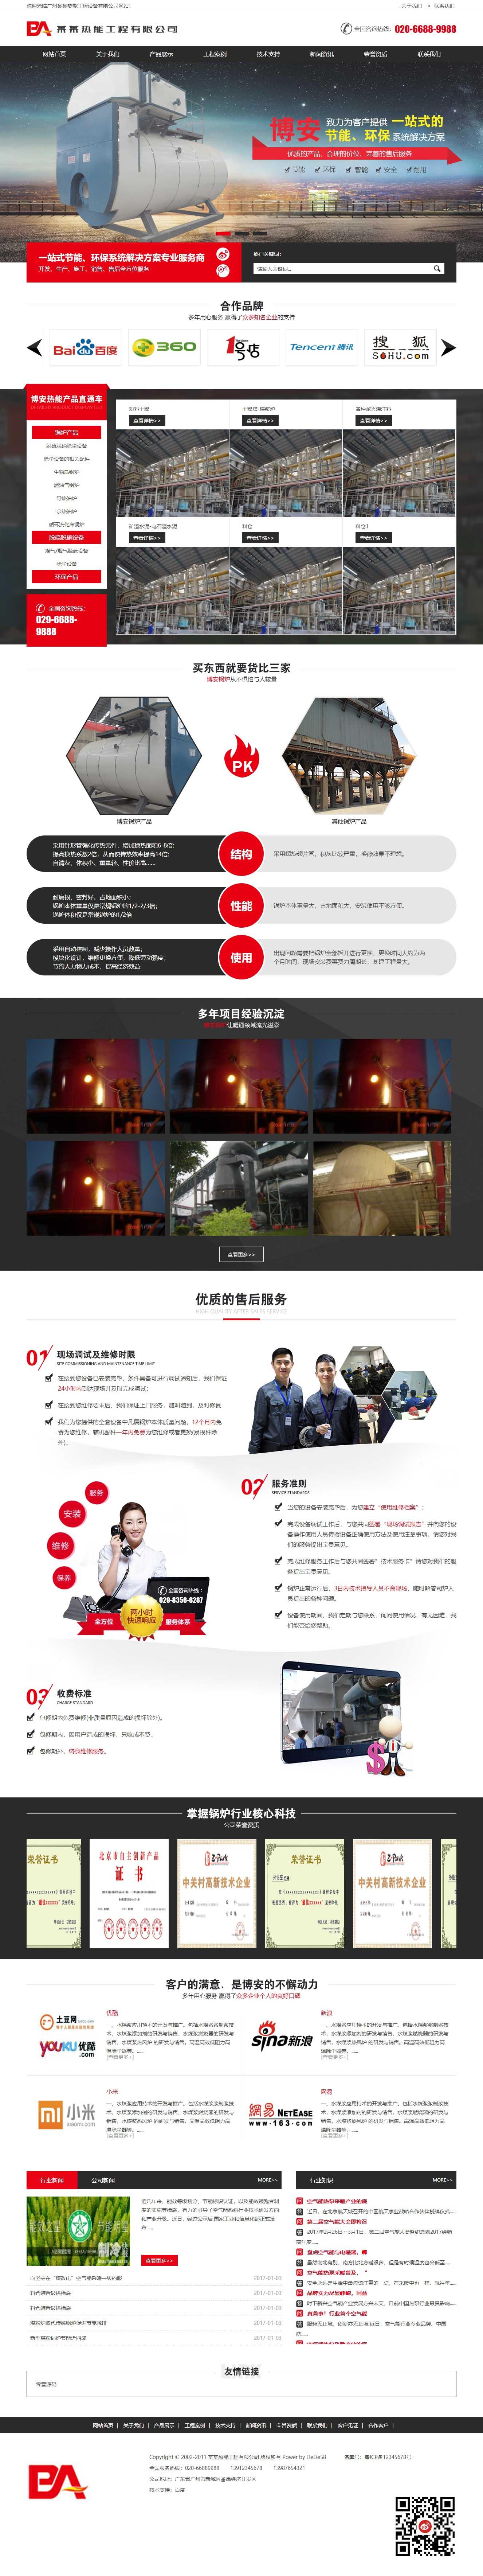 营销型热能工程设备类网站织梦dedecms模板(带手机端)